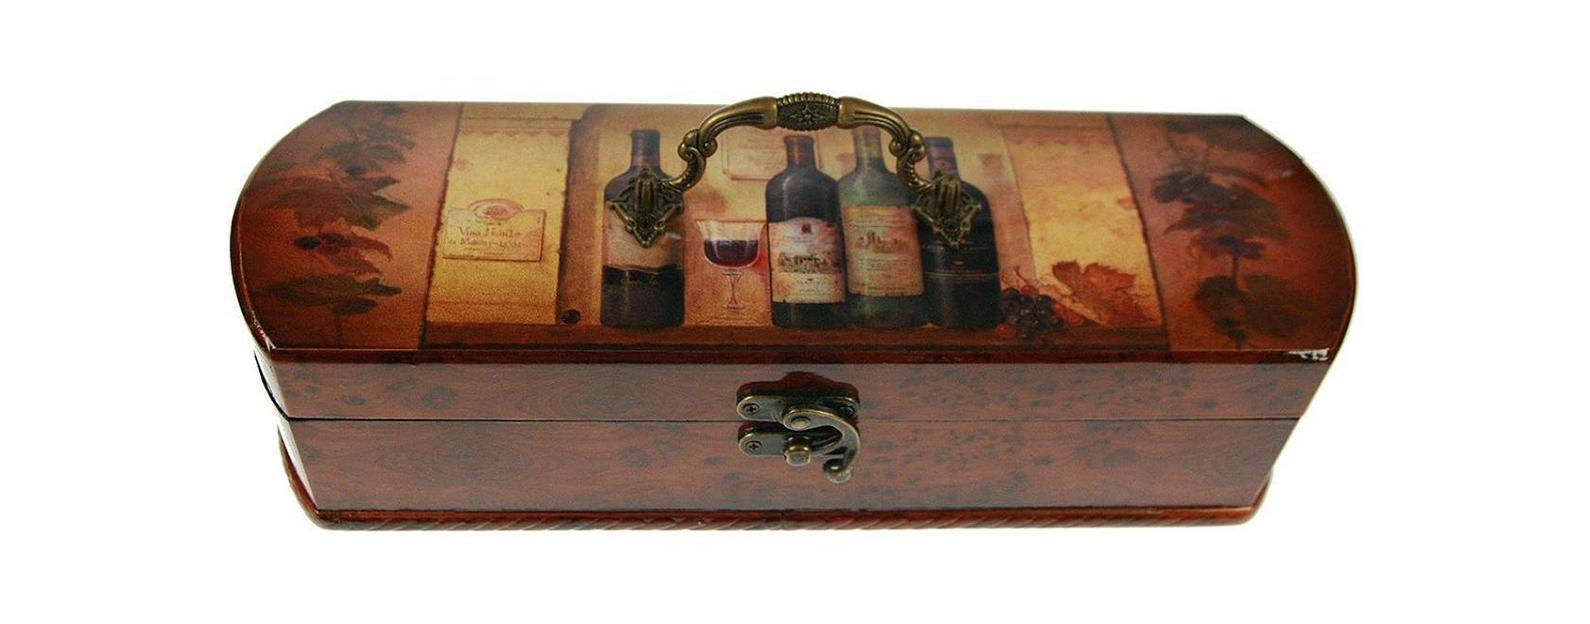 Шкатулка Сундучок под бутылку 36*12*10см 34762139528Шкатулка Русские подарки Сундучок 34762 предназначена для хранения бутылок с вином. Она не оставит равнодушным ни одного любителя оригинальных вещей. Данная модель надежно закрывается на металлический замок. Сочетание оригинального дизайна и функциональности делает такую вещь практичным, стильным подарком и предметом гордости ее обладателя. Материал: MDF, бумага, эл. металла; цвет: коричневый